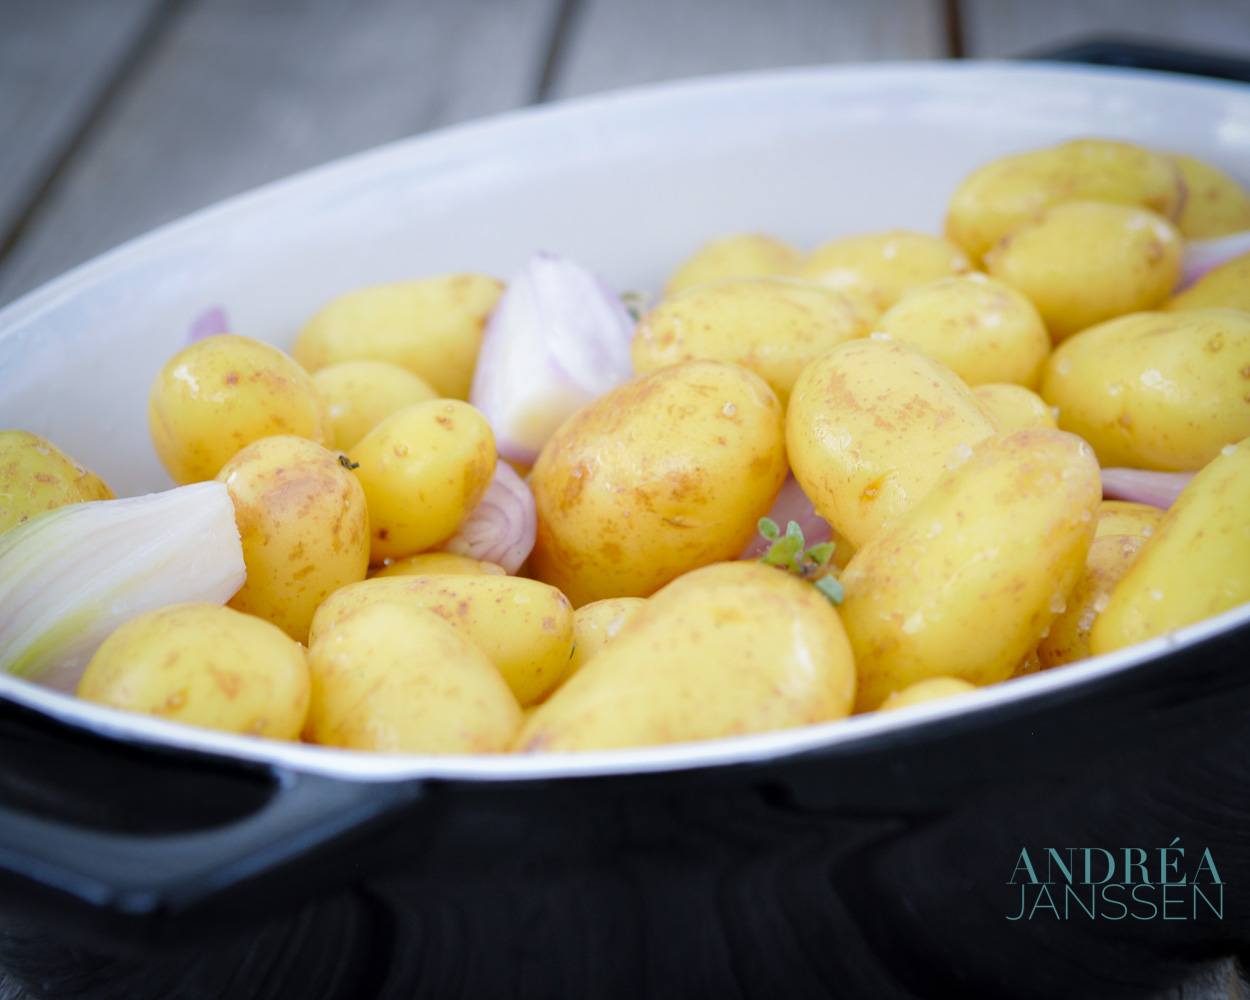 krieltjes uit de oven met knoflook, tijm en sjalotjes